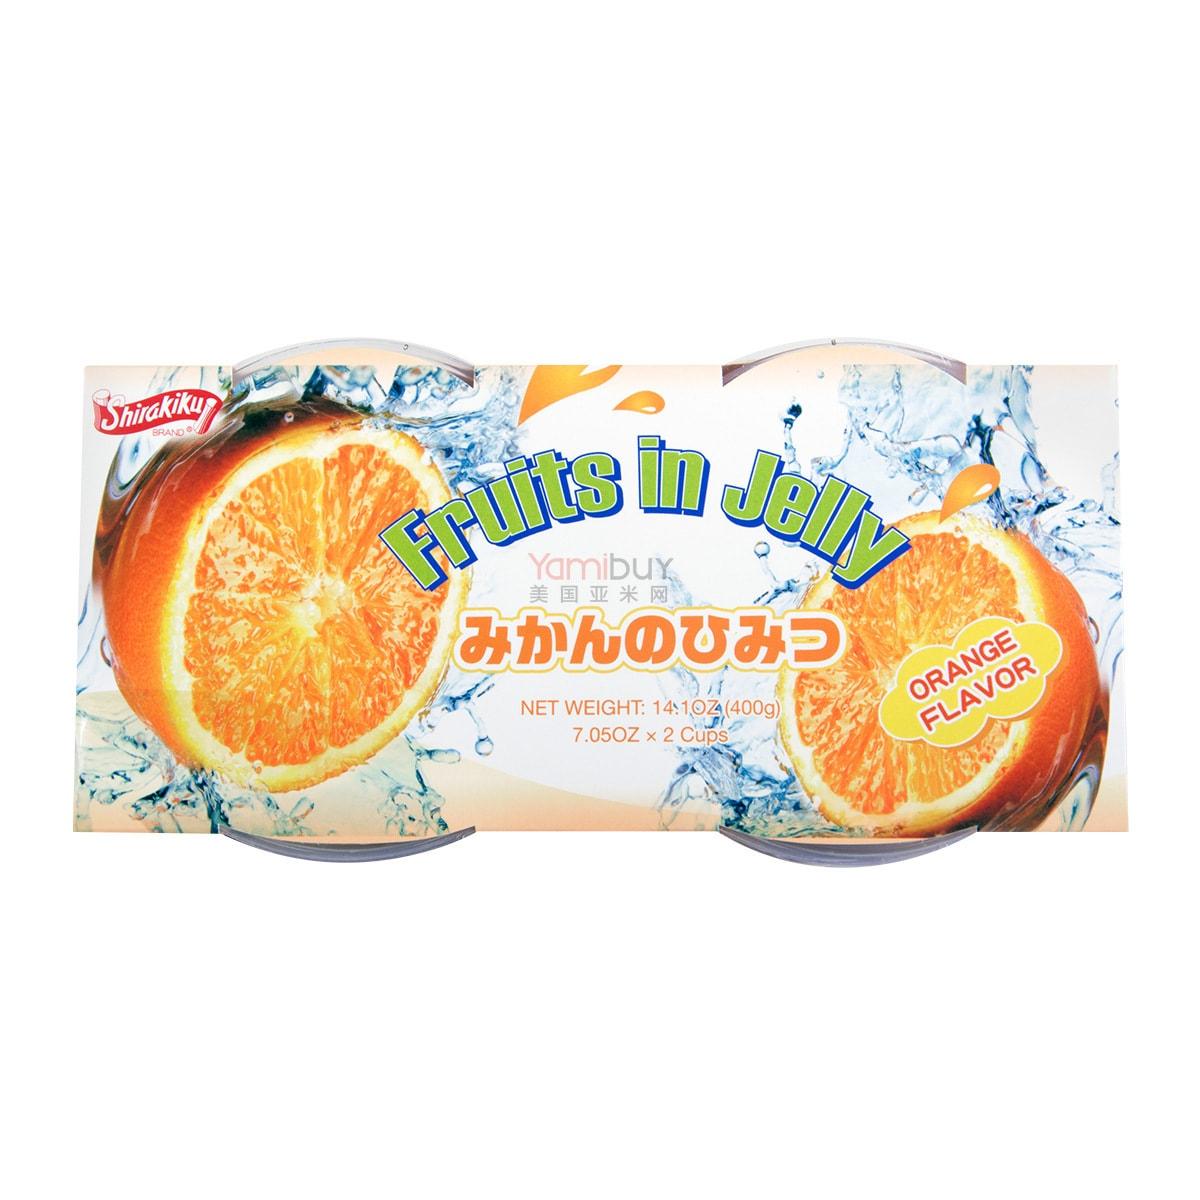 日本SHIRAKIKU赞岐屋 果肉果冻 香橙味 400g